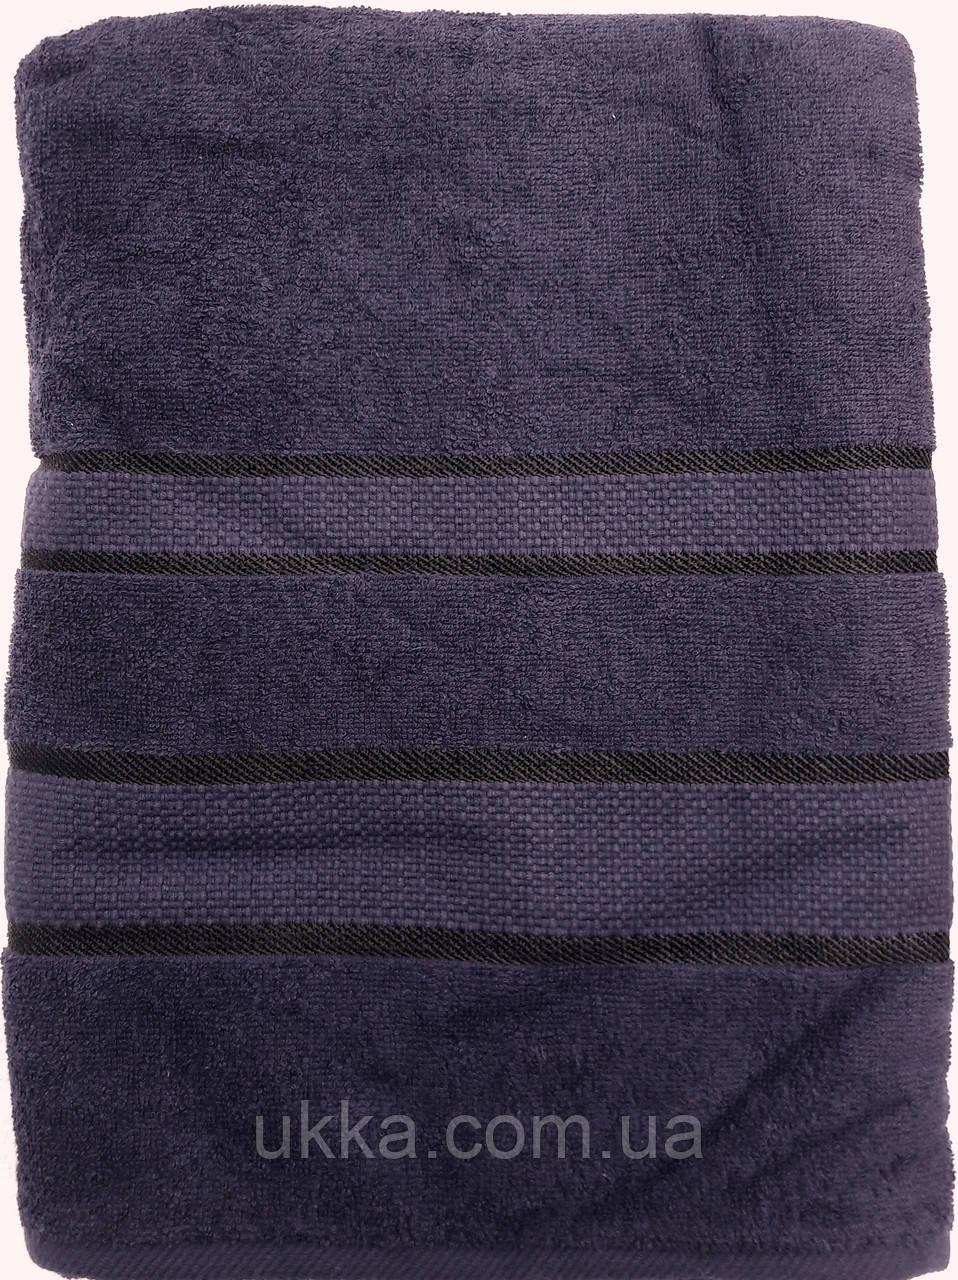 Полотенце махровое 50х90 лицо 100% хлопок Узбекистан Темно-синее